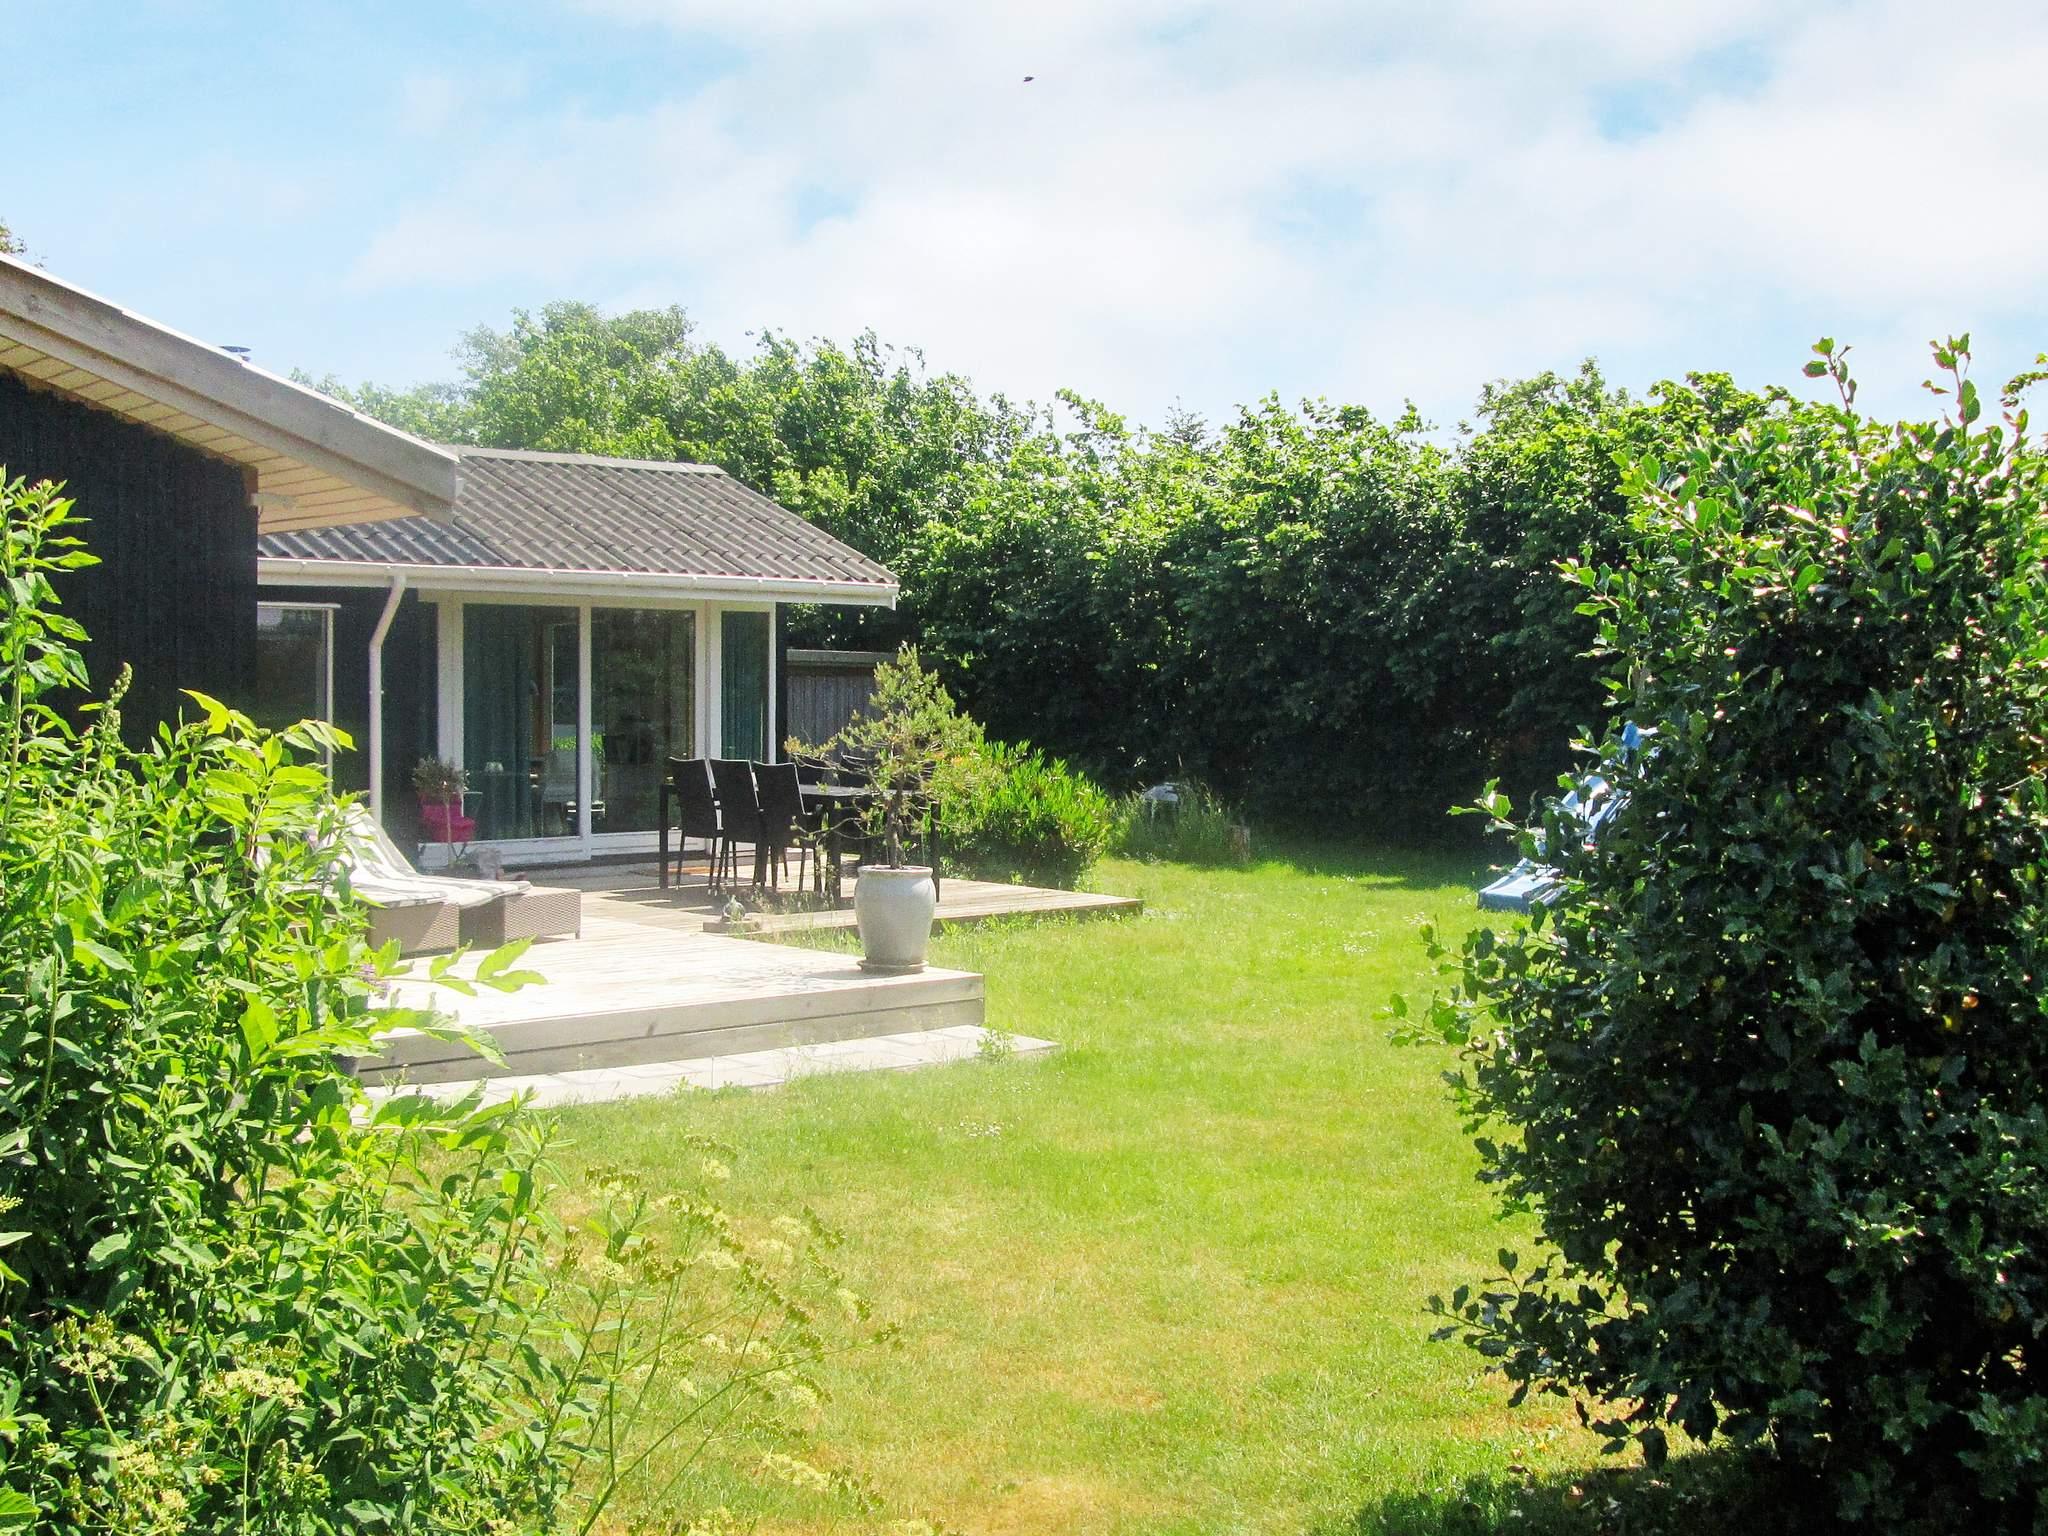 Ferienhaus Enø (1043169), Karrebæksminde, , Südseeland, Dänemark, Bild 12